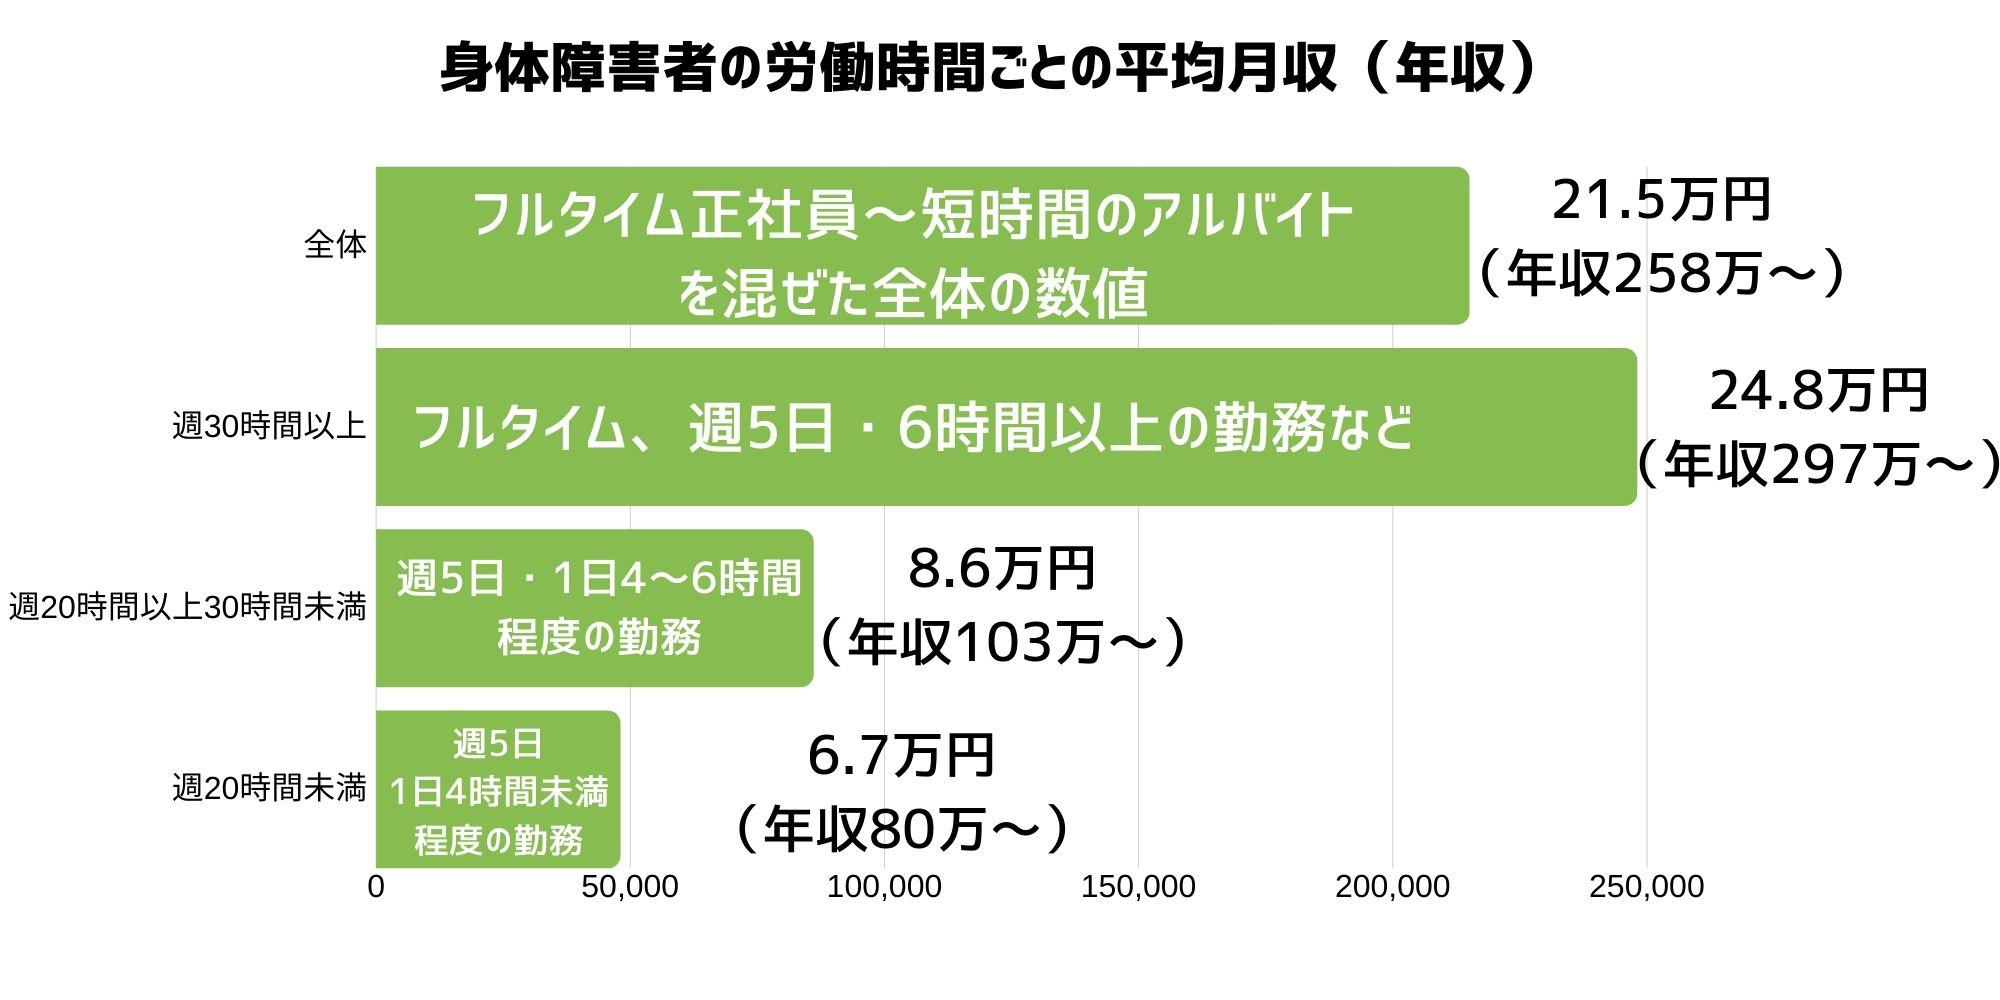 身体障害者の労働時間ごとの平均月収(年収)